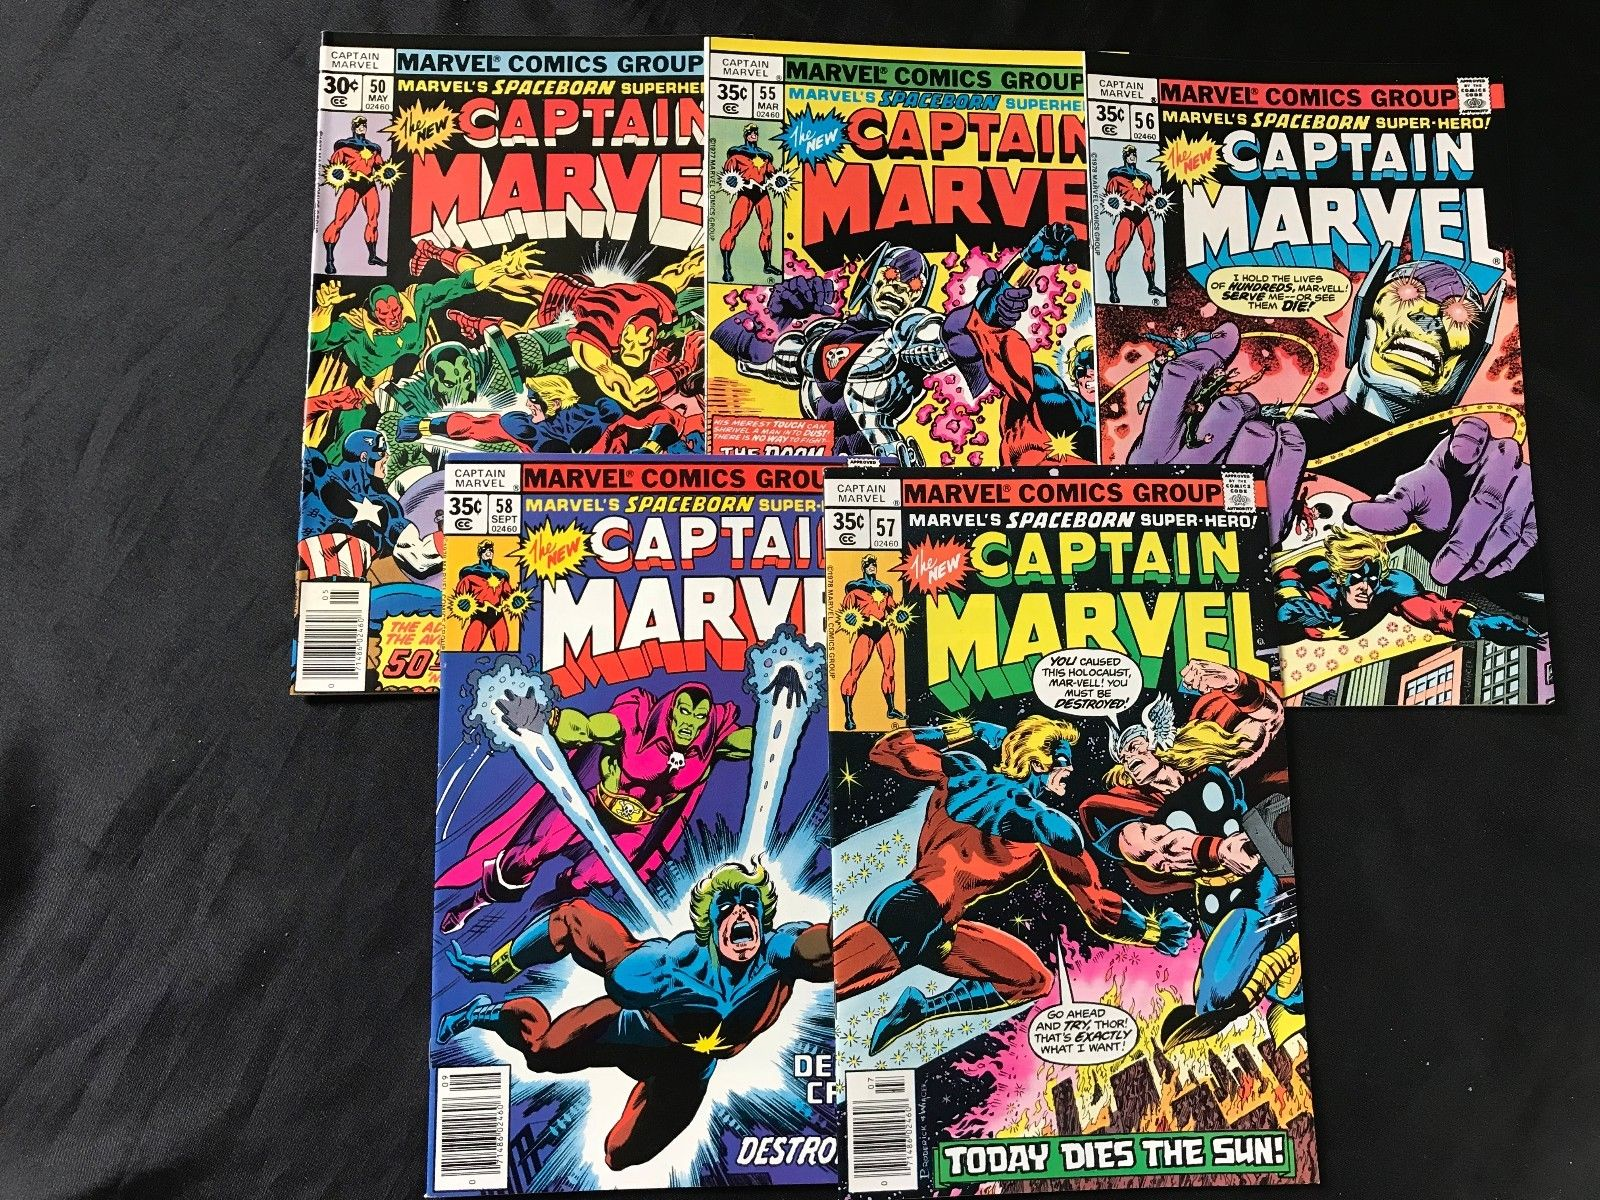 LOT OF 5 CAPTAIN MARVEL COMIC BOOKS #50 #55 #56 #57 #58